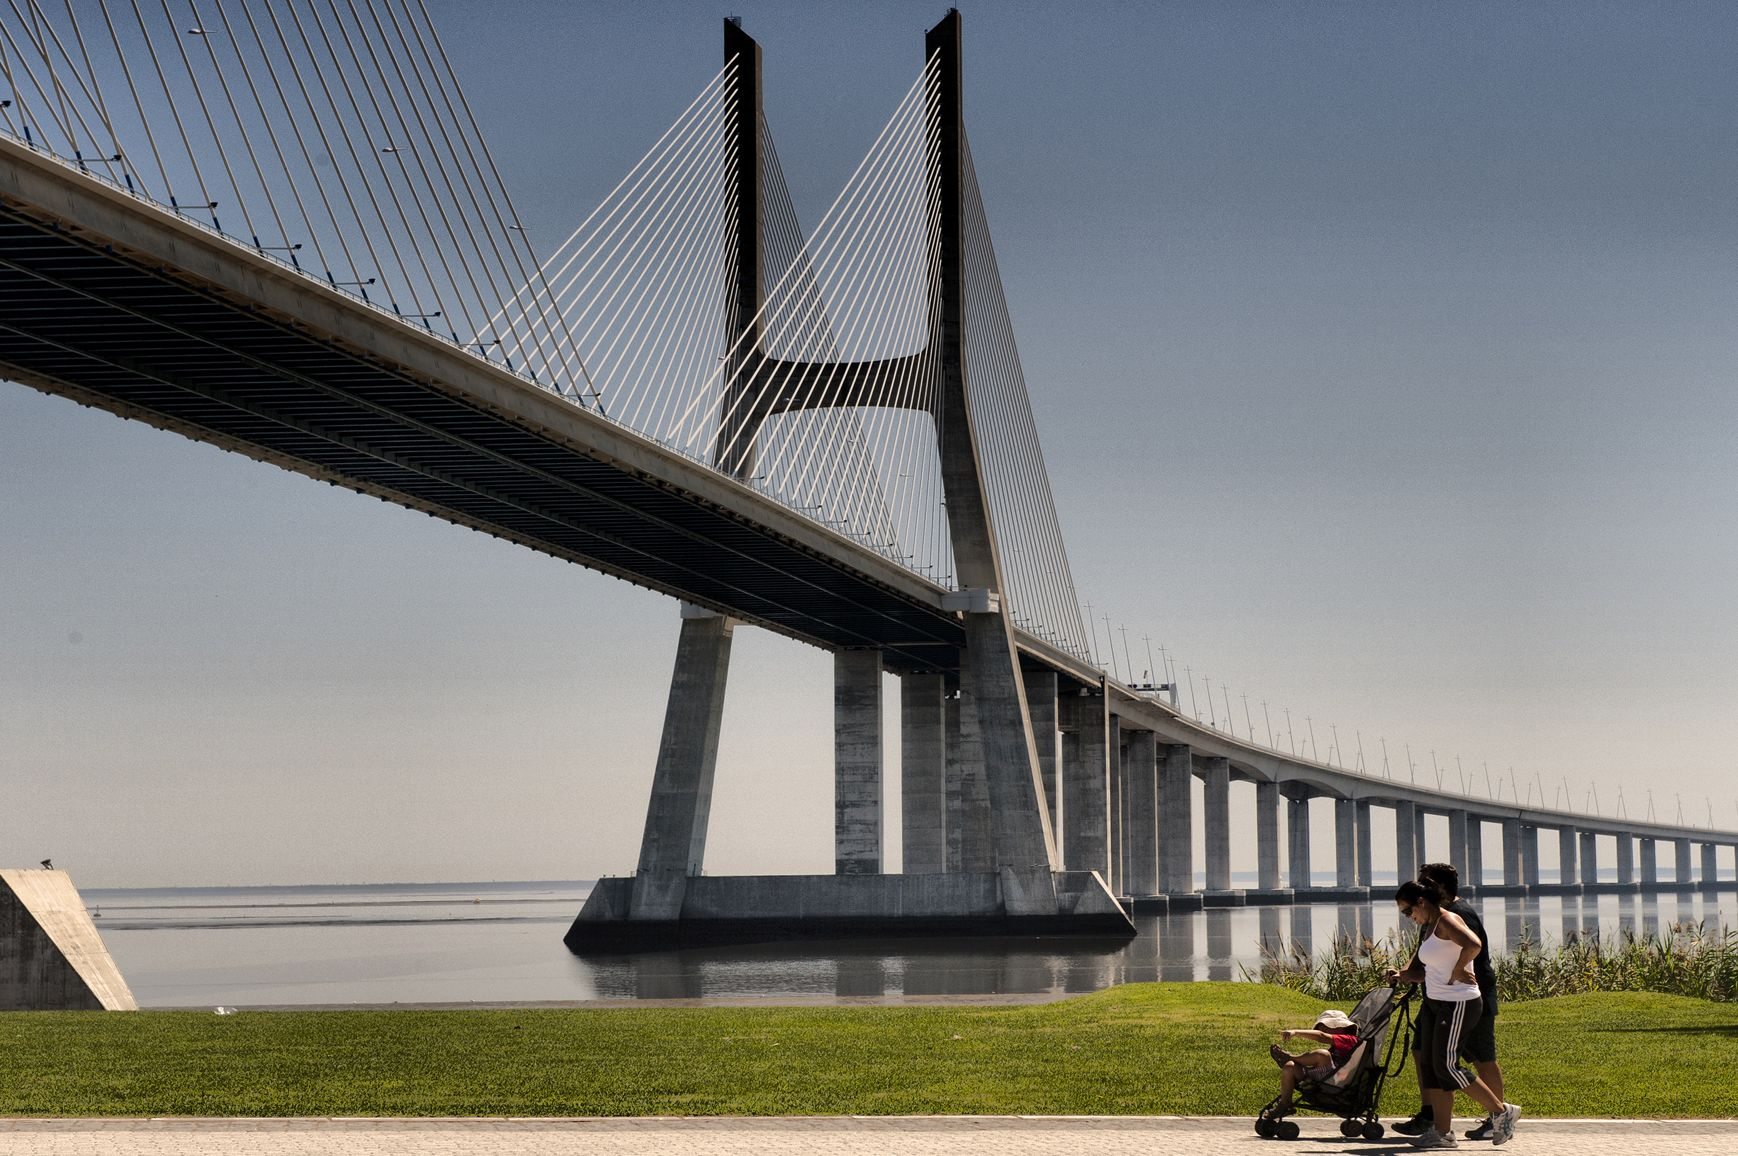 Lisboa - Parque das Nações #Lisboa #ParqueDasNacoes